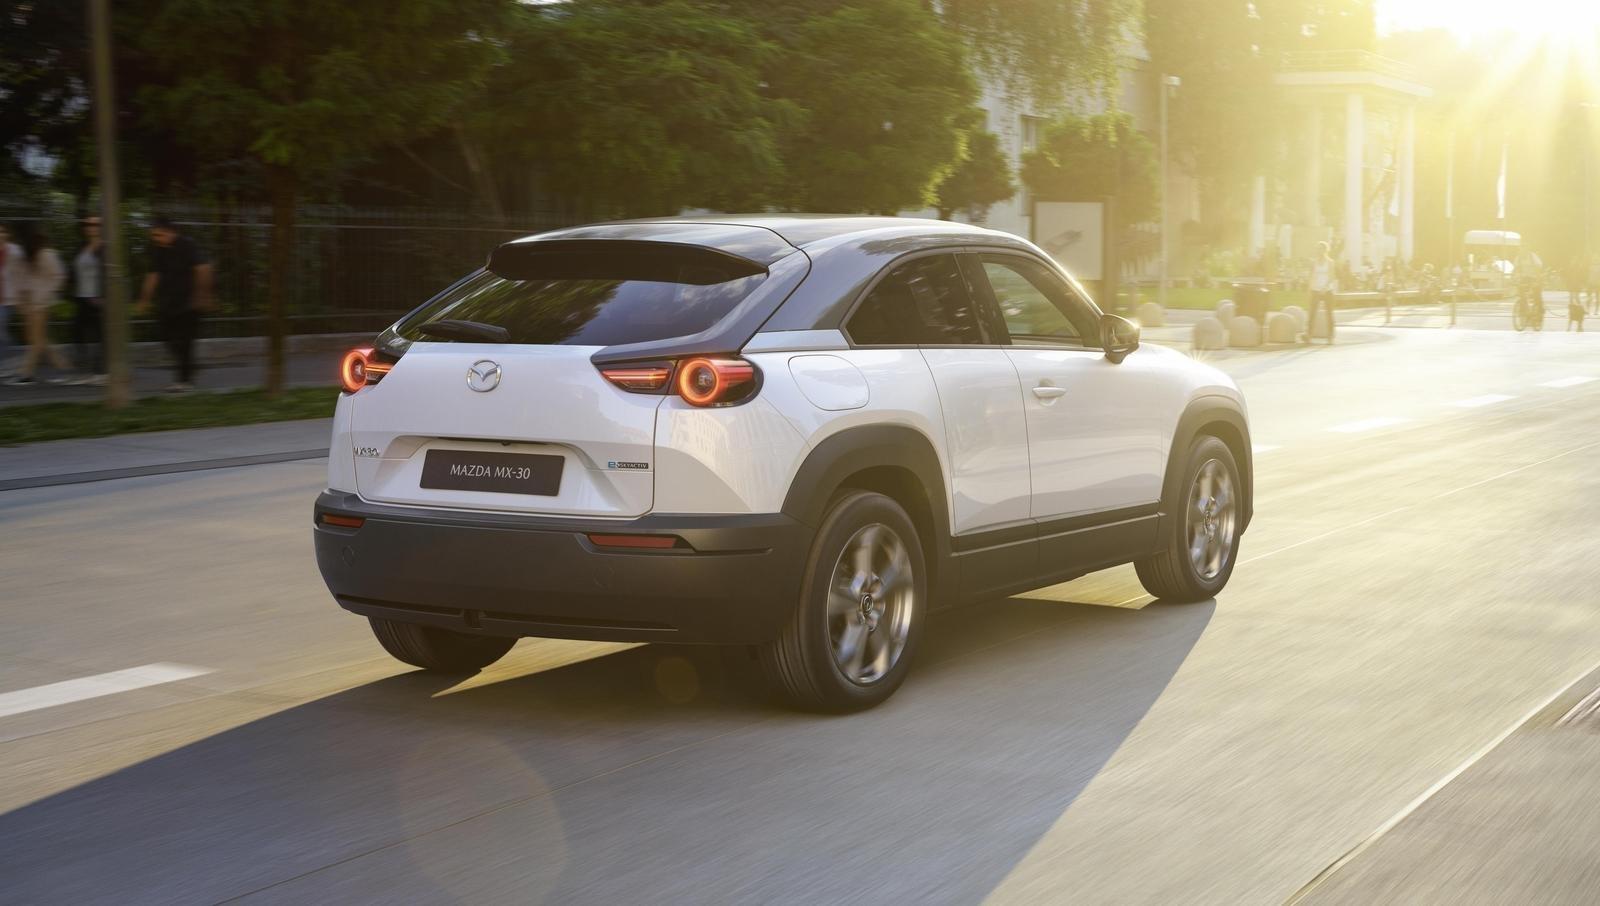 Đánh giá xe Mazda MX-30 2021 về đuôi xe: góc 3/4 đuôi xe